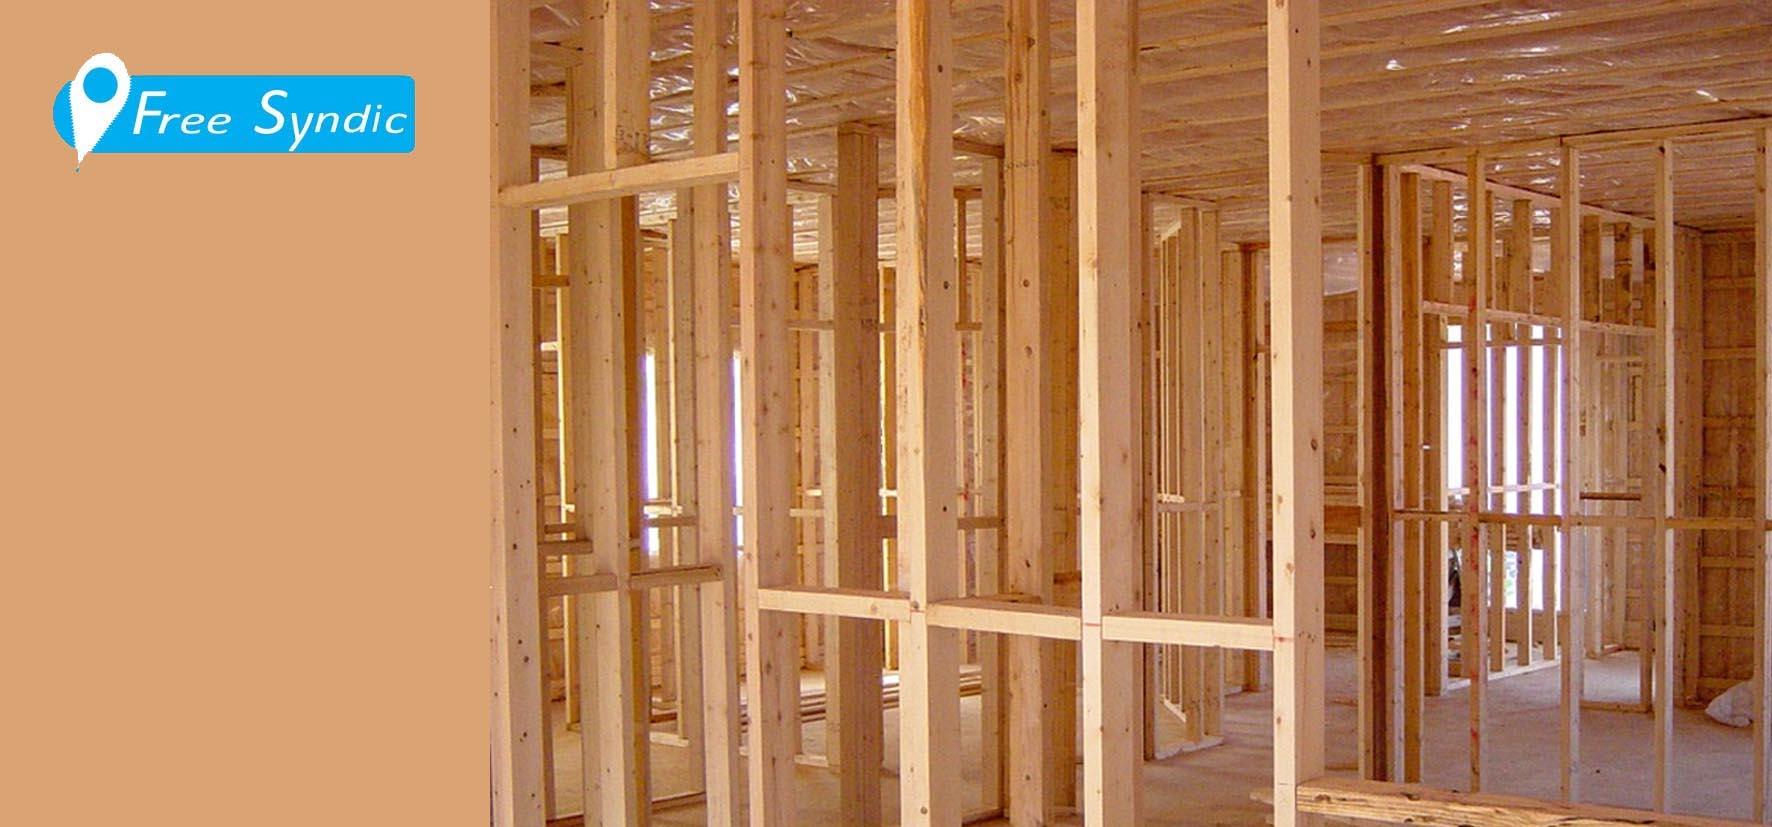 charpente brest trouver un professionnel pour votre coproprit free syndic services de. Black Bedroom Furniture Sets. Home Design Ideas